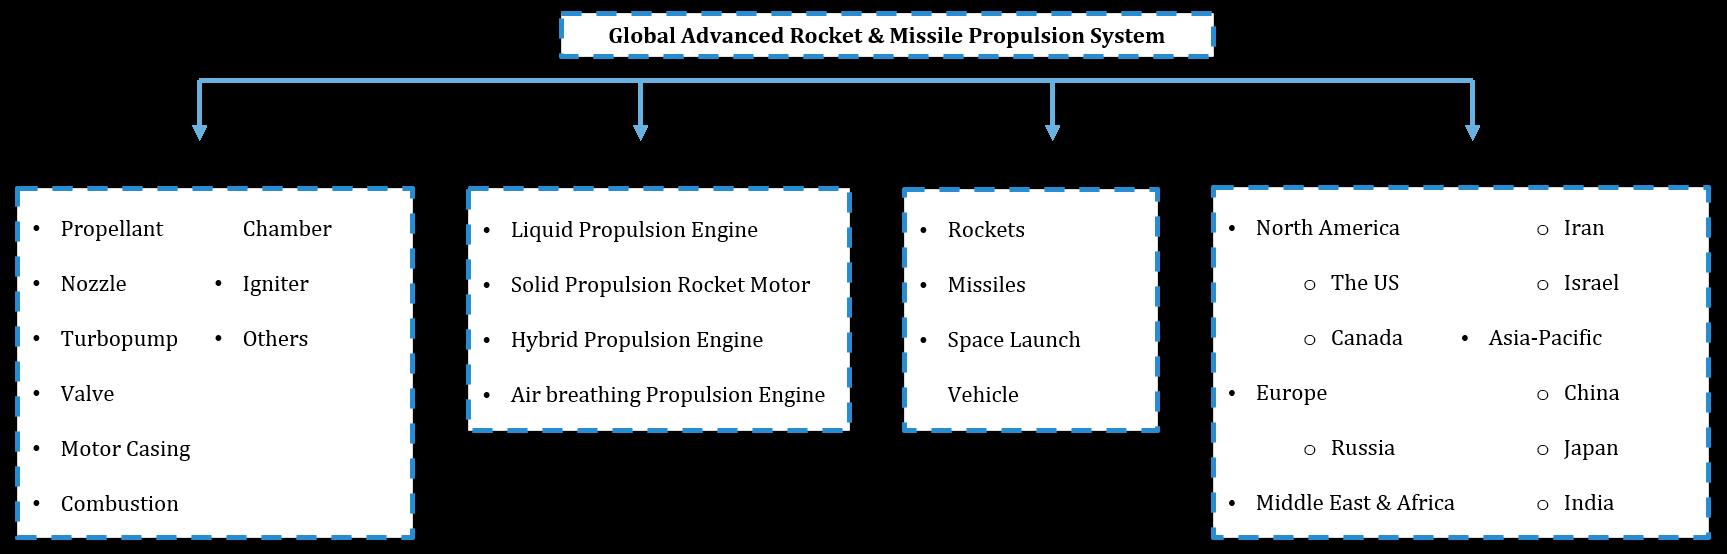 Global Advanced Rocket & Missile Propulsion System Market Segmentation